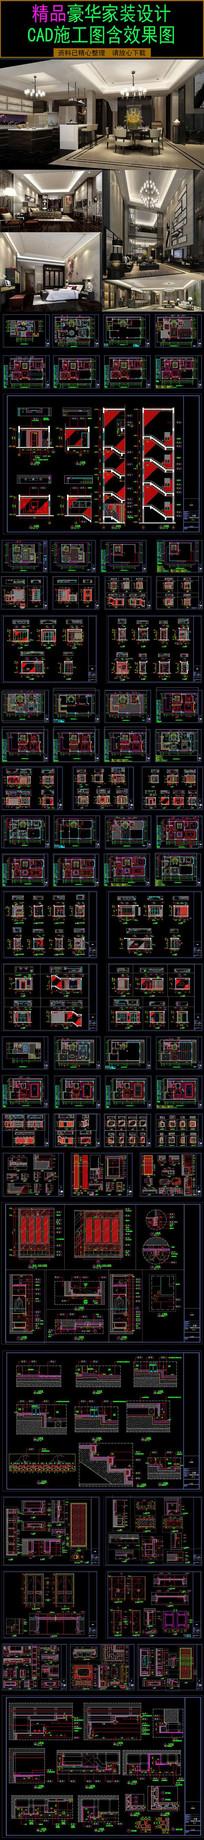 完整别墅施工图带效果图